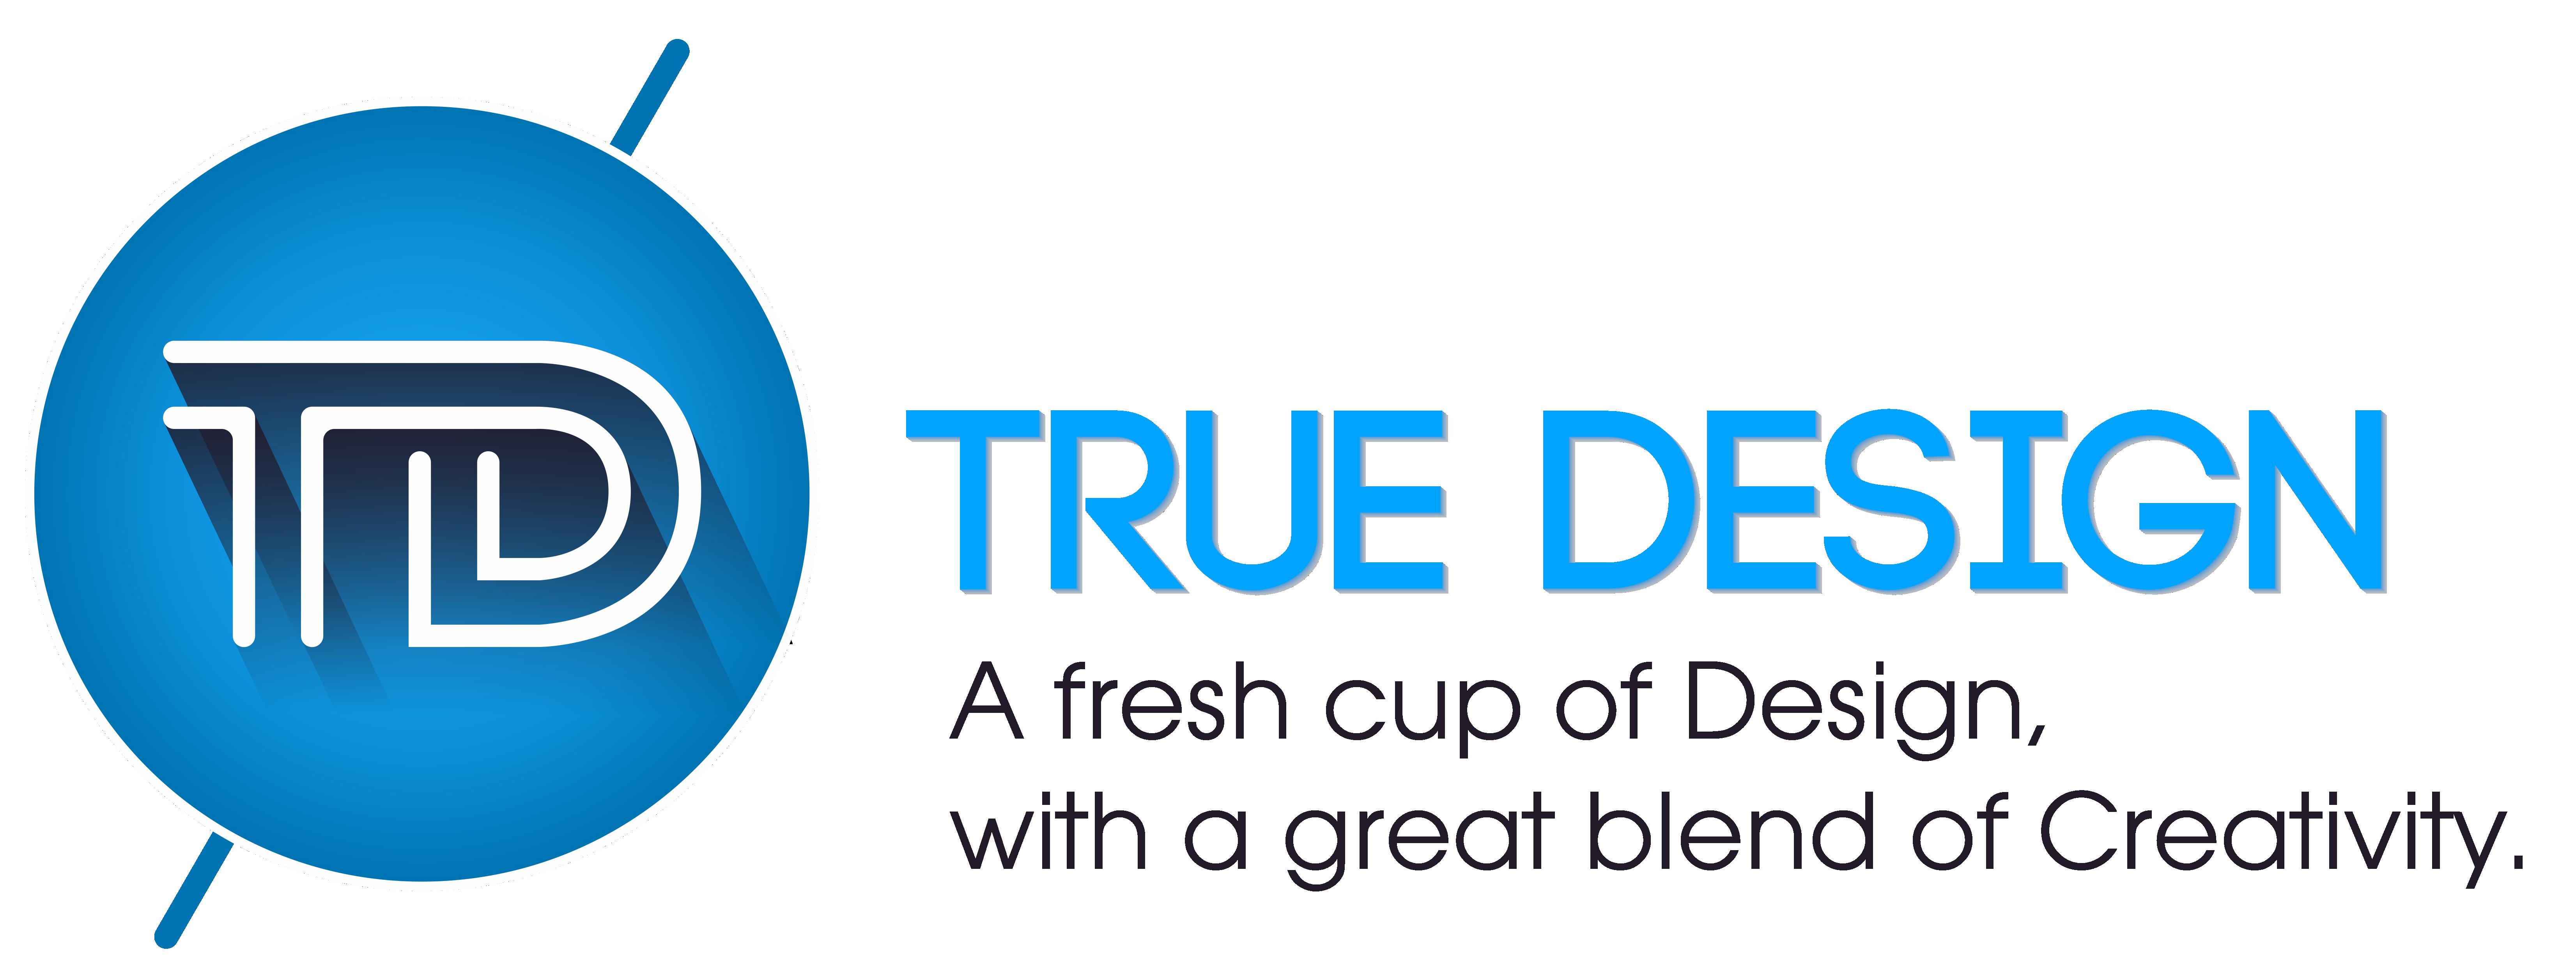 True Design Logo - 2020